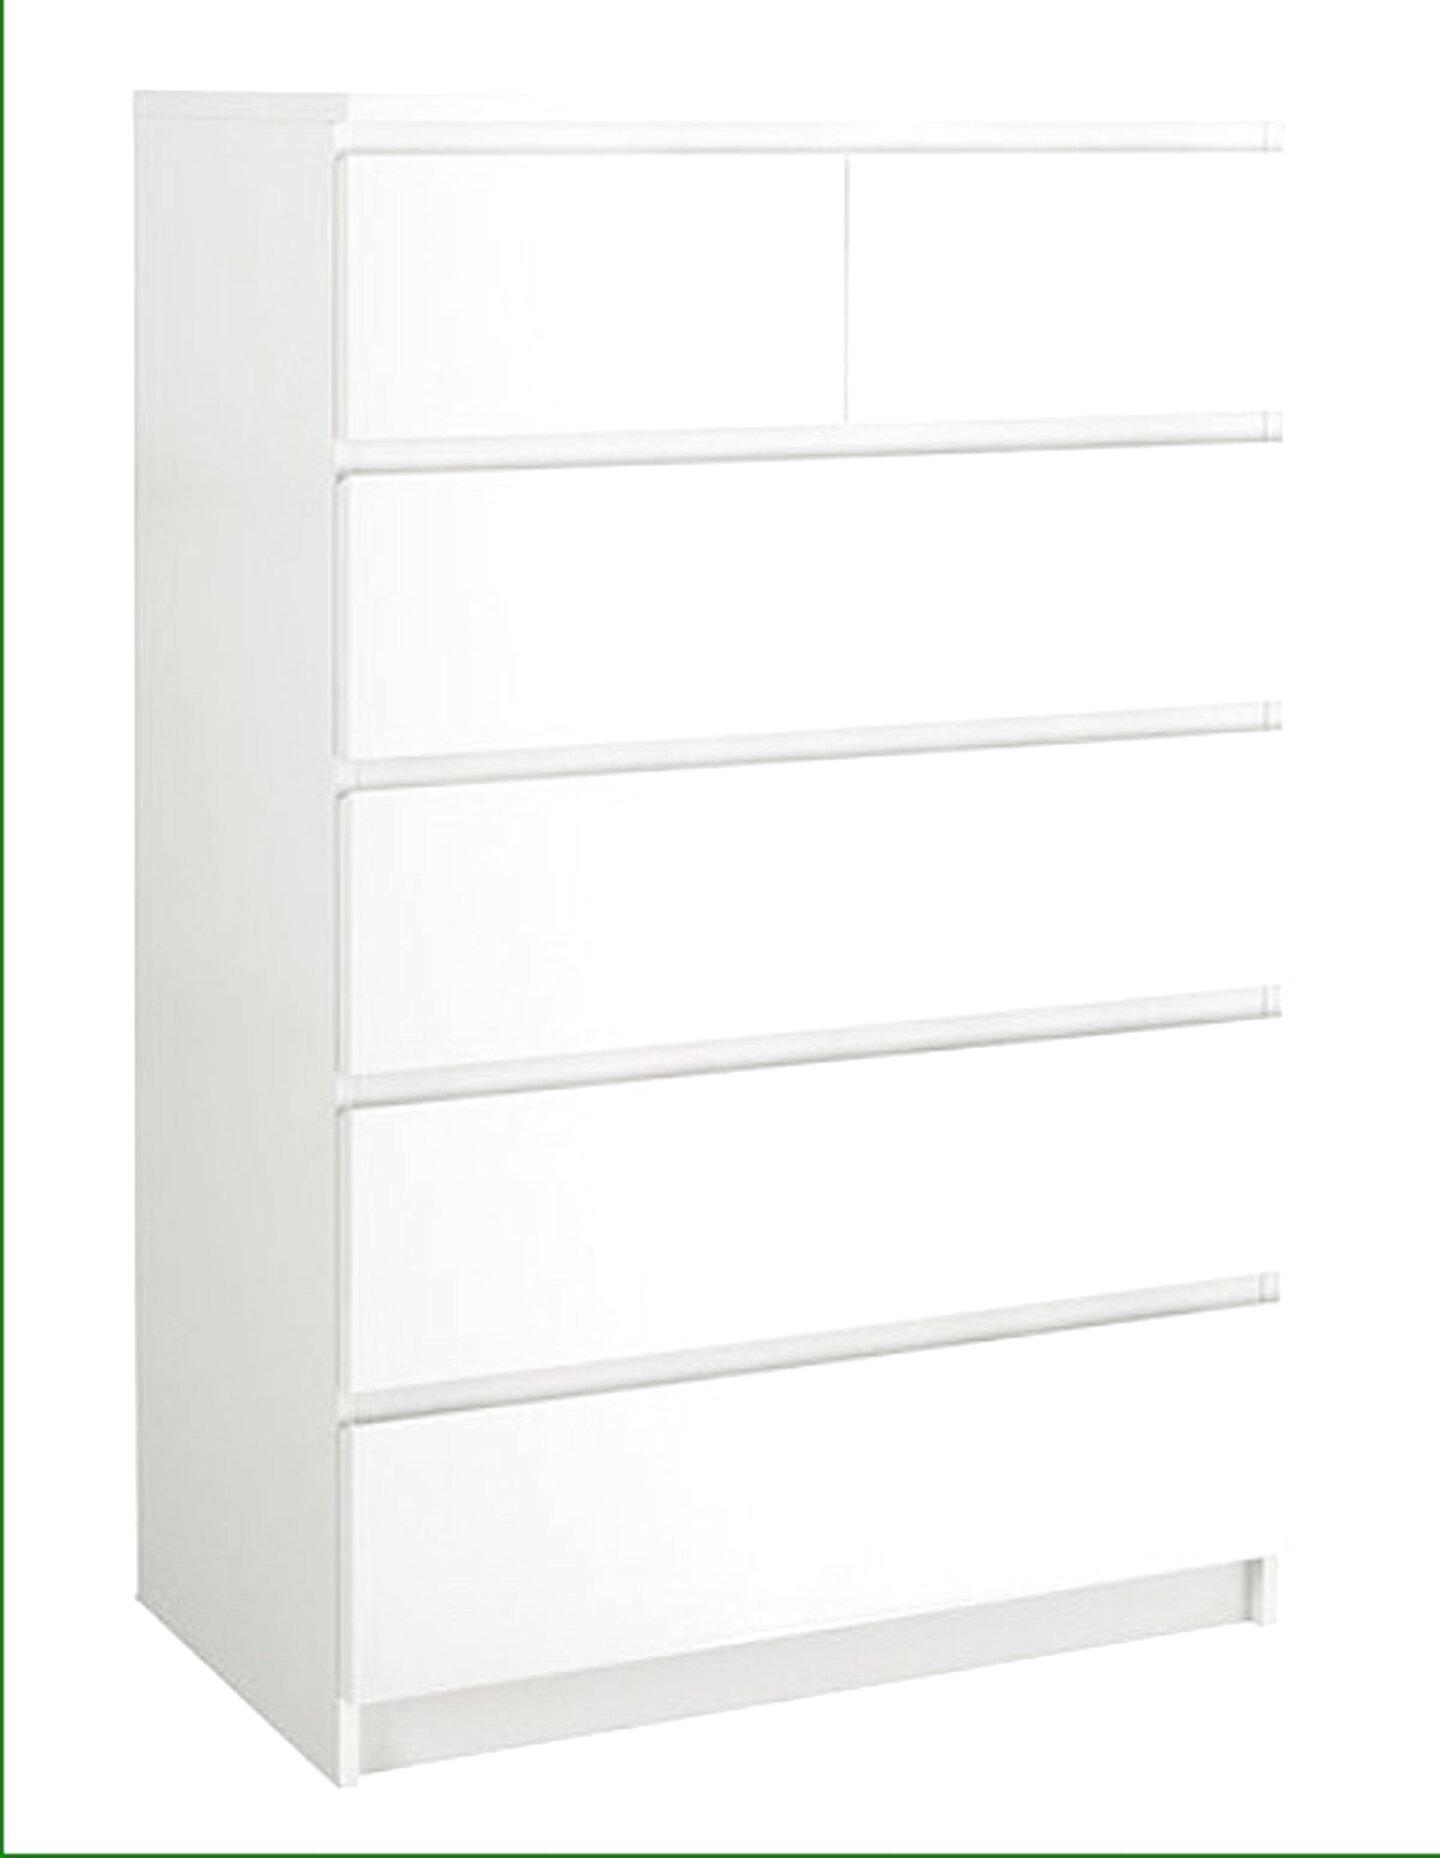 Cassettiera Ikea Hemnes 6 Cassetti.Cassettiera 6 Cassetti Malm Ikea Usato In Italia Vedi Tutte I 17